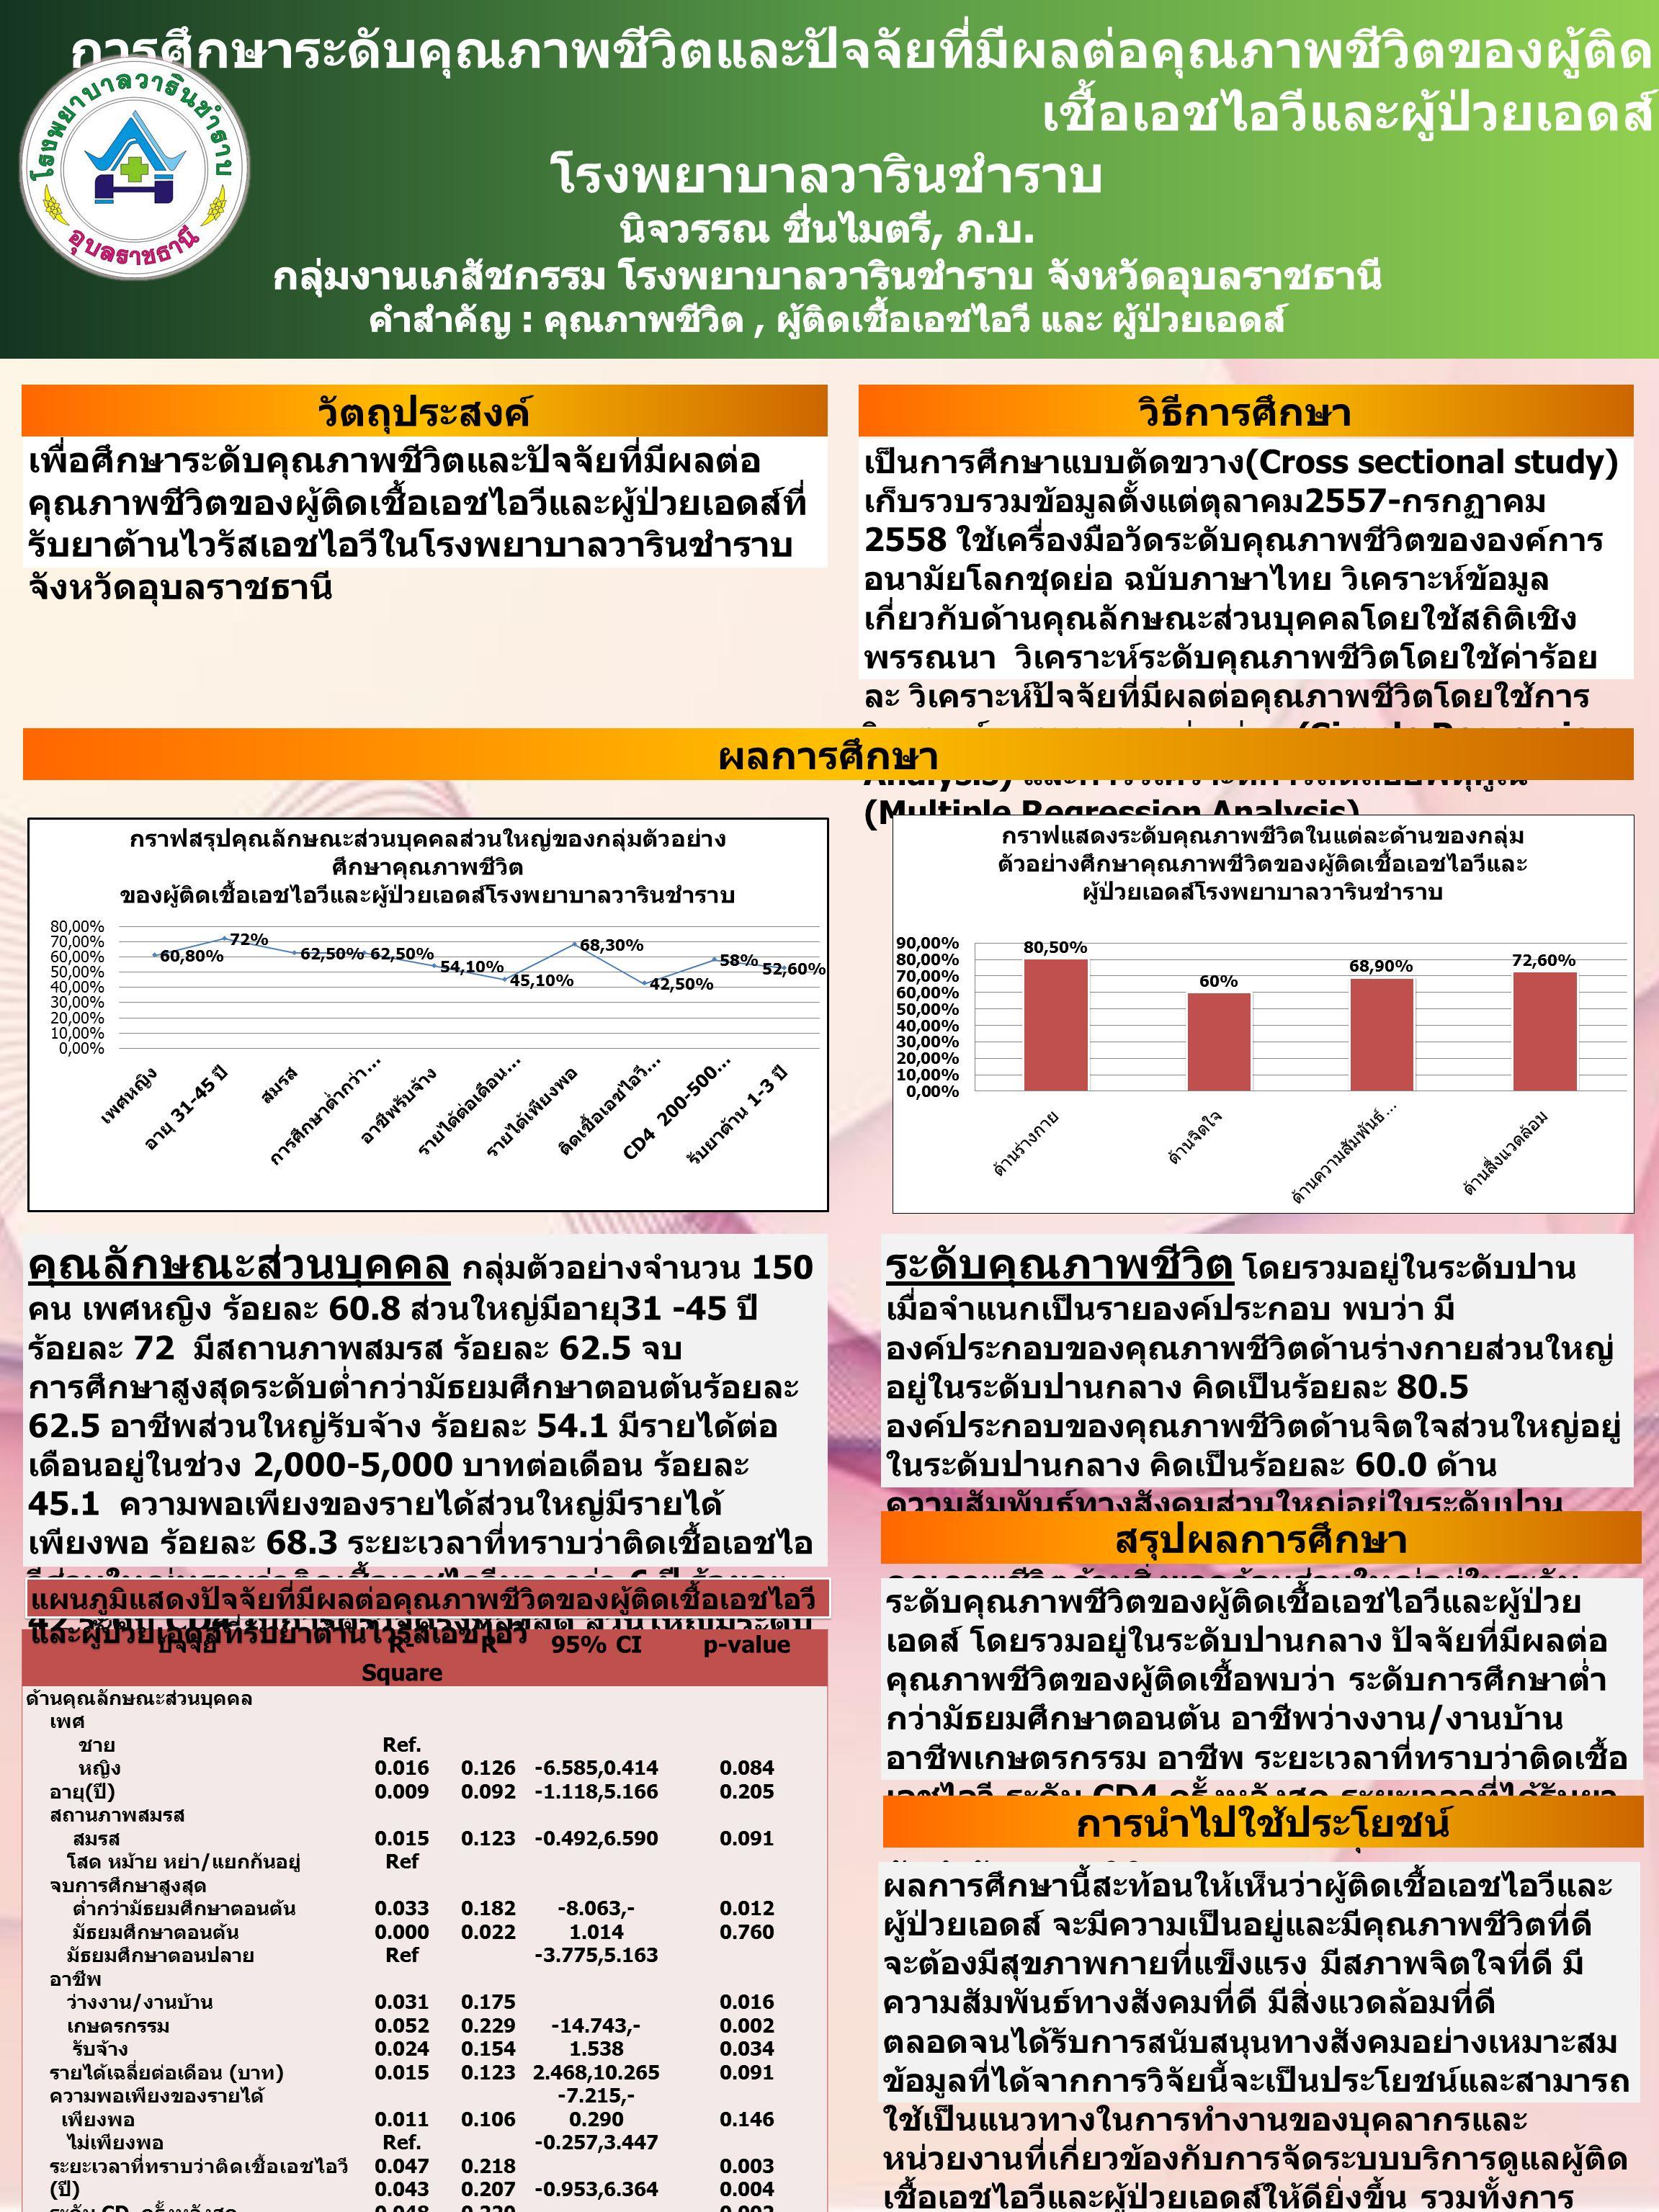 เพื่อศึกษาระดับคุณภาพชีวิตและปัจจัยที่มีผลต่อ คุณภาพชีวิตของผู้ติดเชื้อเอชไอวีและผู้ป่วยเอดส์ที่ รับยาต้านไวรัสเอชไอวีในโรงพยาบาลวารินชำราบ จังหวัดอุบลราชธานี วัตถุประสงค์ วิธีการศึกษา เป็นการศึกษาแบบตัดขวาง (Cross sectional study) เก็บรวบรวมข้อมูลตั้งแต่ตุลาคม 2557- กรกฏาคม 2558 ใช้เครื่องมือวัดระดับคุณภาพชีวิตขององค์การ อนามัยโลกชุดย่อ ฉบับภาษาไทย วิเคราะห์ข้อมูล เกี่ยวกับด้านคุณลักษณะส่วนบุคคลโดยใช้สถิติเชิง พรรณนา วิเคราะห์ระดับคุณภาพชีวิตโดยใช้ค่าร้อย ละ วิเคราะห์ปัจจัยที่มีผลต่อคุณภาพชีวิตโดยใช้การ วิเคราะห์การถดถอยอย่างง่าย (Simple Regression Analysis) และการวิเคราะห์การถดถอยพหุคูณ (Multiple Regression Analysis) ผลการศึกษา คุณลักษณะส่วนบุคคล กลุ่มตัวอย่างจำนวน 150 คน เพศหญิง ร้อยละ 60.8 ส่วนใหญ่มีอายุ 31 -45 ปี ร้อยละ 72 มีสถานภาพสมรส ร้อยละ 62.5 จบ การศึกษาสูงสุดระดับต่ำกว่ามัธยมศึกษาตอนต้นร้อยละ 62.5 อาชีพส่วนใหญ่รับจ้าง ร้อยละ 54.1 มีรายได้ต่อ เดือนอยู่ในช่วง 2,000-5,000 บาทต่อเดือน ร้อยละ 45.1 ความพอเพียงของรายได้ส่วนใหญ่มีรายได้ เพียงพอ ร้อยละ 68.3 ระยะเวลาที่ทราบว่าติดเชื้อเอชไอ วีส่วนใหญ่ทราบว่าติดเชื้อเอชไอวีมากกว่า 6 ปี ร้อยละ 42 ระดับ CD4 ในการตรวจครั้งหลังสุด ส่วนใหญ่มีระดับ 200-500 เซลล์ต่อลูกบาศก์มิลิเมตร ร้อยละ 58.0 และ ระยะเวลาที่ได้รับยาต้านไวรัสเอชไอวี ส่วนใหญ่รับยามา 1-3 ปี ร้อยละ 52.6 ระดับคุณภาพชีวิต โดยรวมอยู่ในระดับปาน เมื่อจำแนกเป็นรายองค์ประกอบ พบว่า มี องค์ประกอบของคุณภาพชีวิตด้านร่างกายส่วนใหญ่ อยู่ในระดับปานกลาง คิดเป็นร้อยละ 80.5 องค์ประกอบของคุณภาพชีวิตด้านจิตใจส่วนใหญ่อยู่ ในระดับปานกลาง คิดเป็นร้อยละ 60.0 ด้าน ความสัมพันธ์ทางสังคมส่วนใหญ่อยู่ในระดับปาน กลาง คิดเป็นร้อยละ 68.9 และองค์ประกอบของ คุณภาพชีวิตด้านสิ่งแวดล้อมส่วนใหญ่อยู่ในระดับ ปานกลาง คิดเป็นร้อยละ 72.6 สรุปผลการศึกษา ระดับคุณภาพชีวิตของผู้ติดเชื้อเอชไอวีและผู้ป่วย เอดส์ โดยรวมอยู่ในระดับปานกลาง ปัจจัยที่มีผลต่อ คุณภาพชีวิตของผู้ติดเชื้อพบว่า ระดับการศึกษาต่ำ กว่ามัธยมศึกษาตอนต้น อาชีพว่างงาน / งานบ้าน อาชีพเกษตรกรรม อาชีพ ระยะเวลาที่ทราบว่าติดเชื้อ เอชไอวี ระดับ CD4 ครั้งหลังสุด ระยะเวลาที่ได้รับยา ต้านเอชไอวี เป็นปัจจัยที่มีผลต่อคุณภาพชีวิตอย่างมี นัยสำคัญทางสถิติ ป